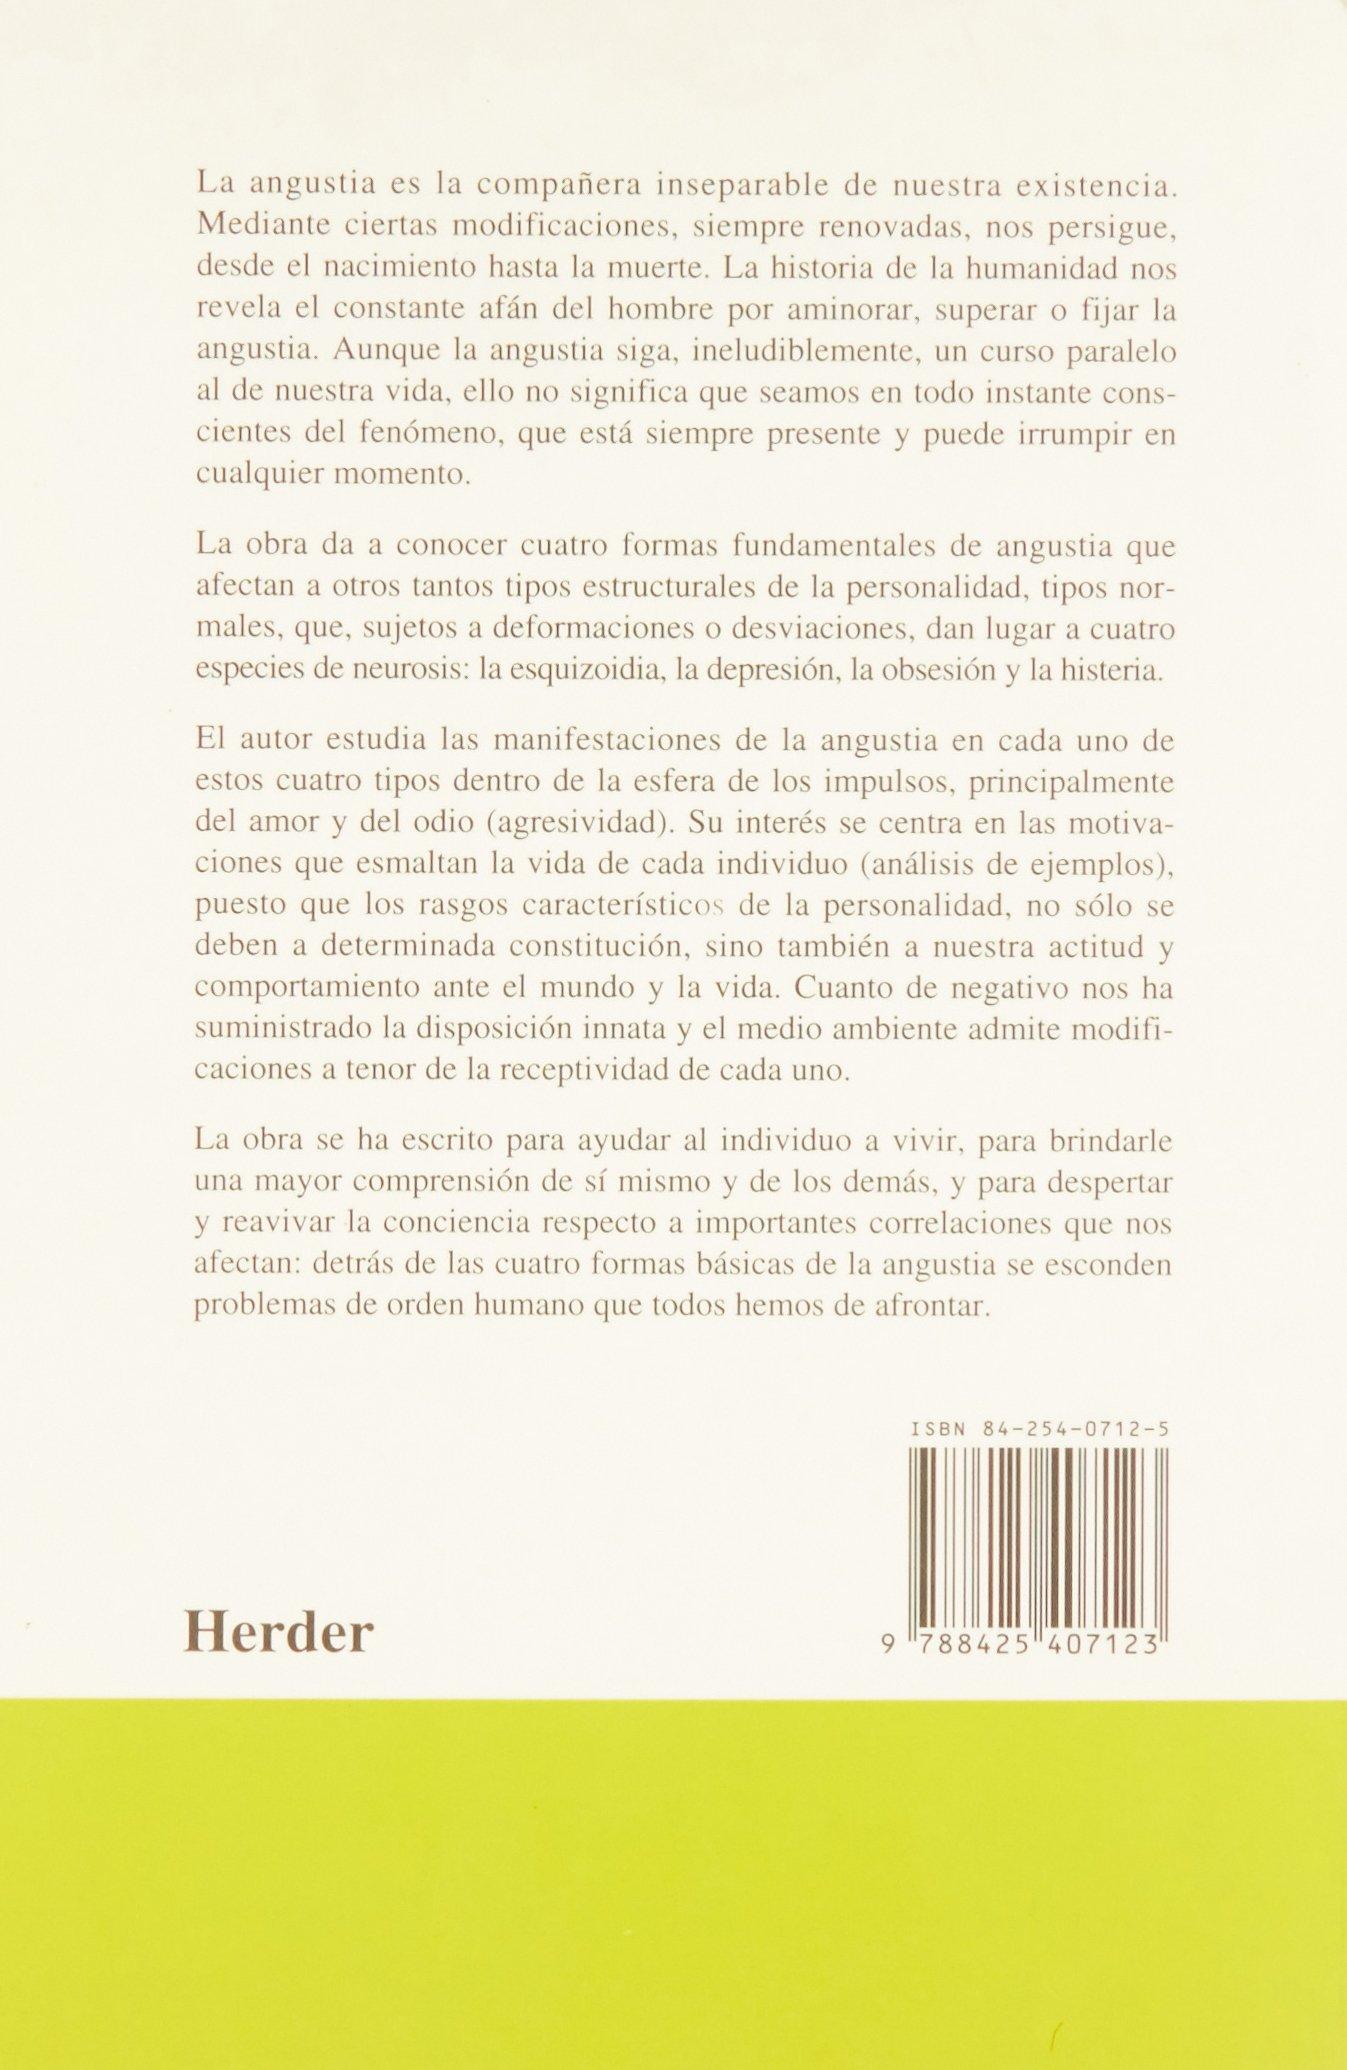 Formas basicas de la angustia Testimonios Y Vivencias: Amazon.es: Fritz Riemann: Libros